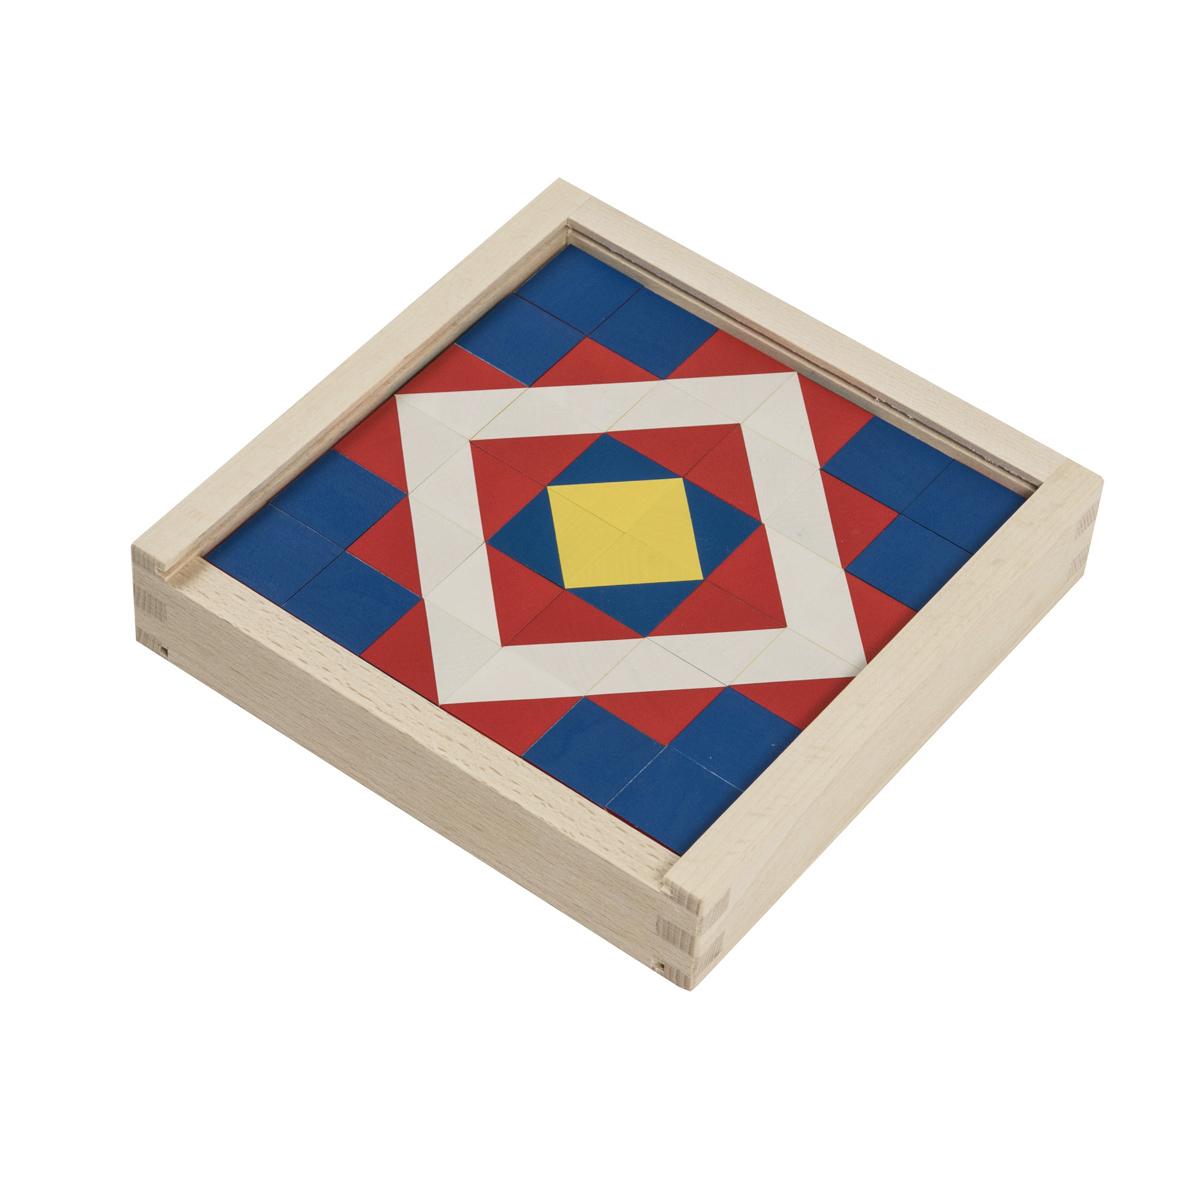 キュービックパズル モザイクホワイト 36ピース